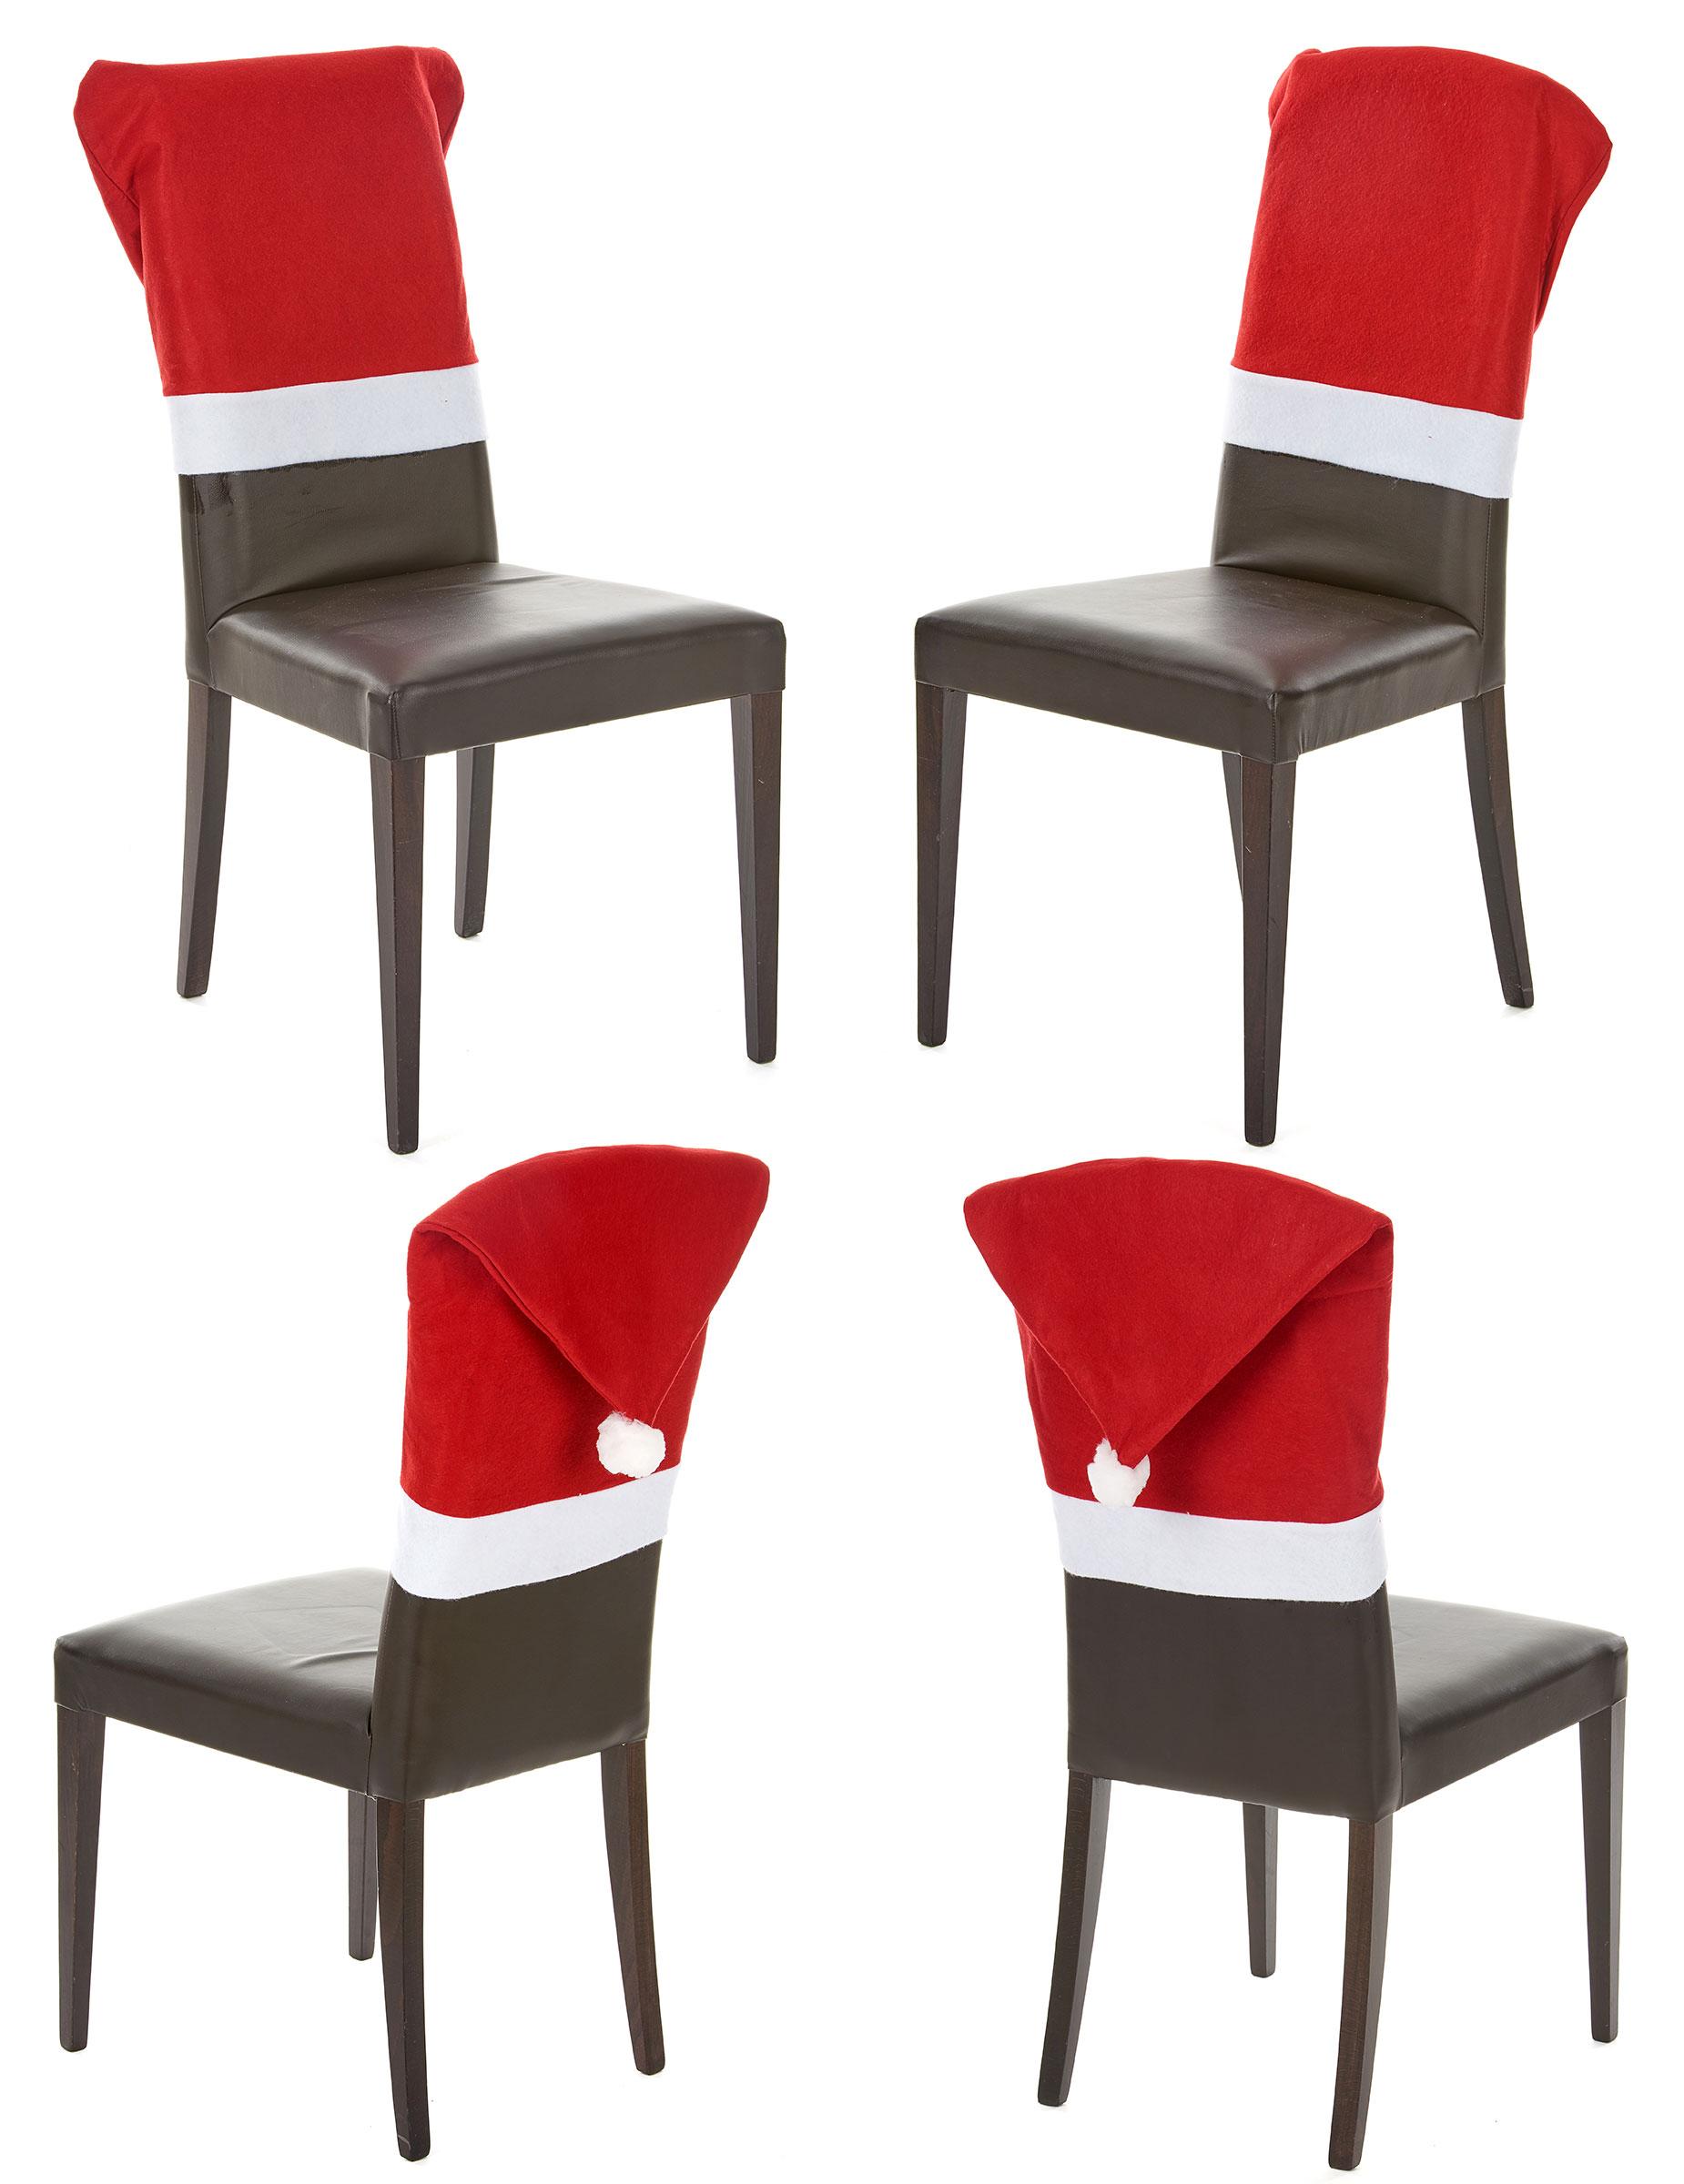 Set de 4 fundas para silla navidad - Fundas de sillas ...